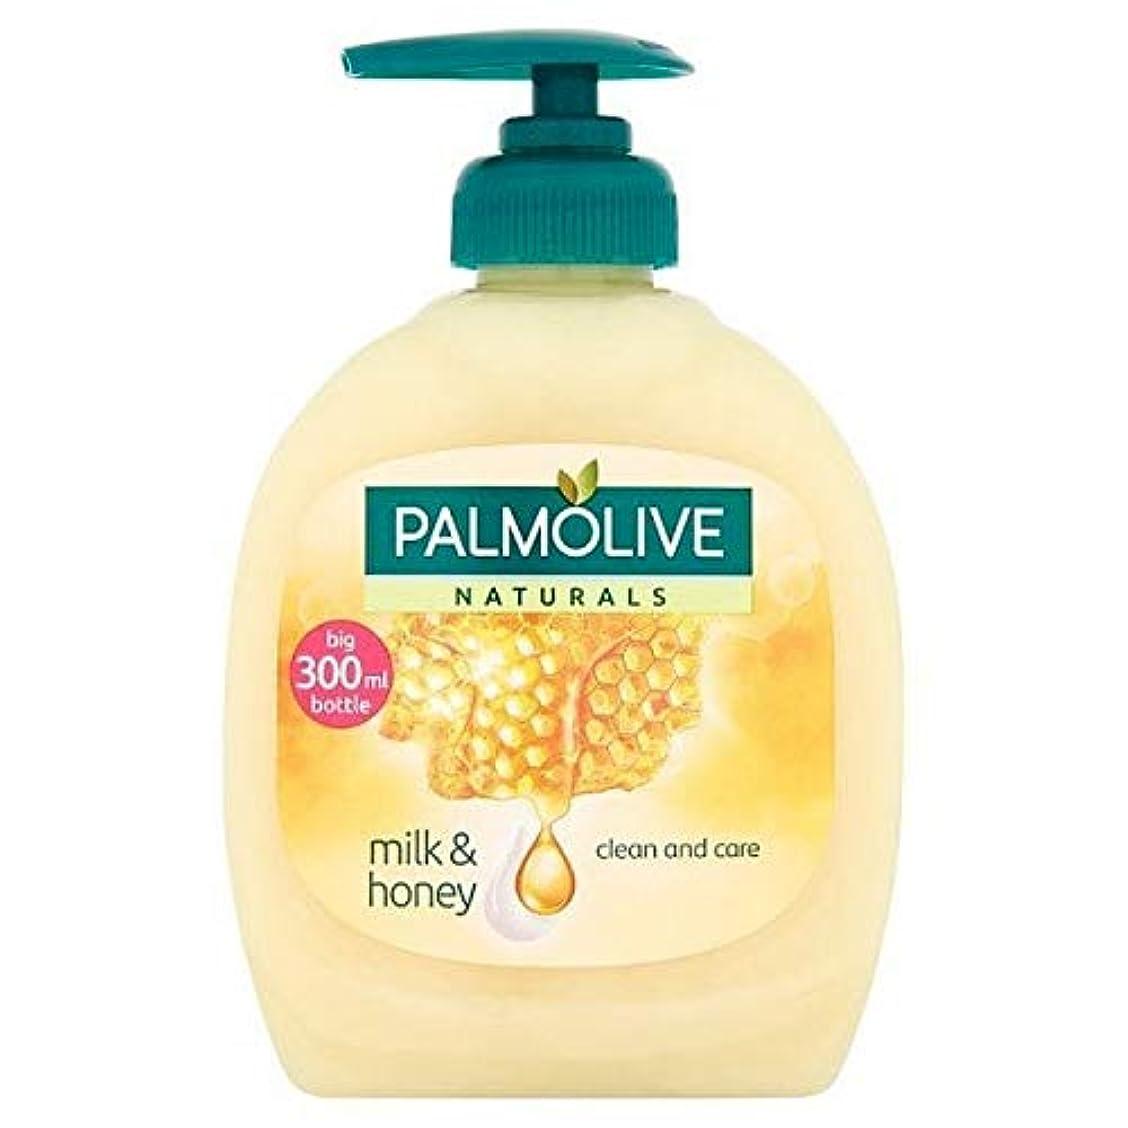 閉塞小康ストラップ[Palmolive ] パルモ液体ハンドソープ乳と蜜の300ミリリットル - Palmolive Liquid Hand Soap Milk And Honey 300ml [並行輸入品]